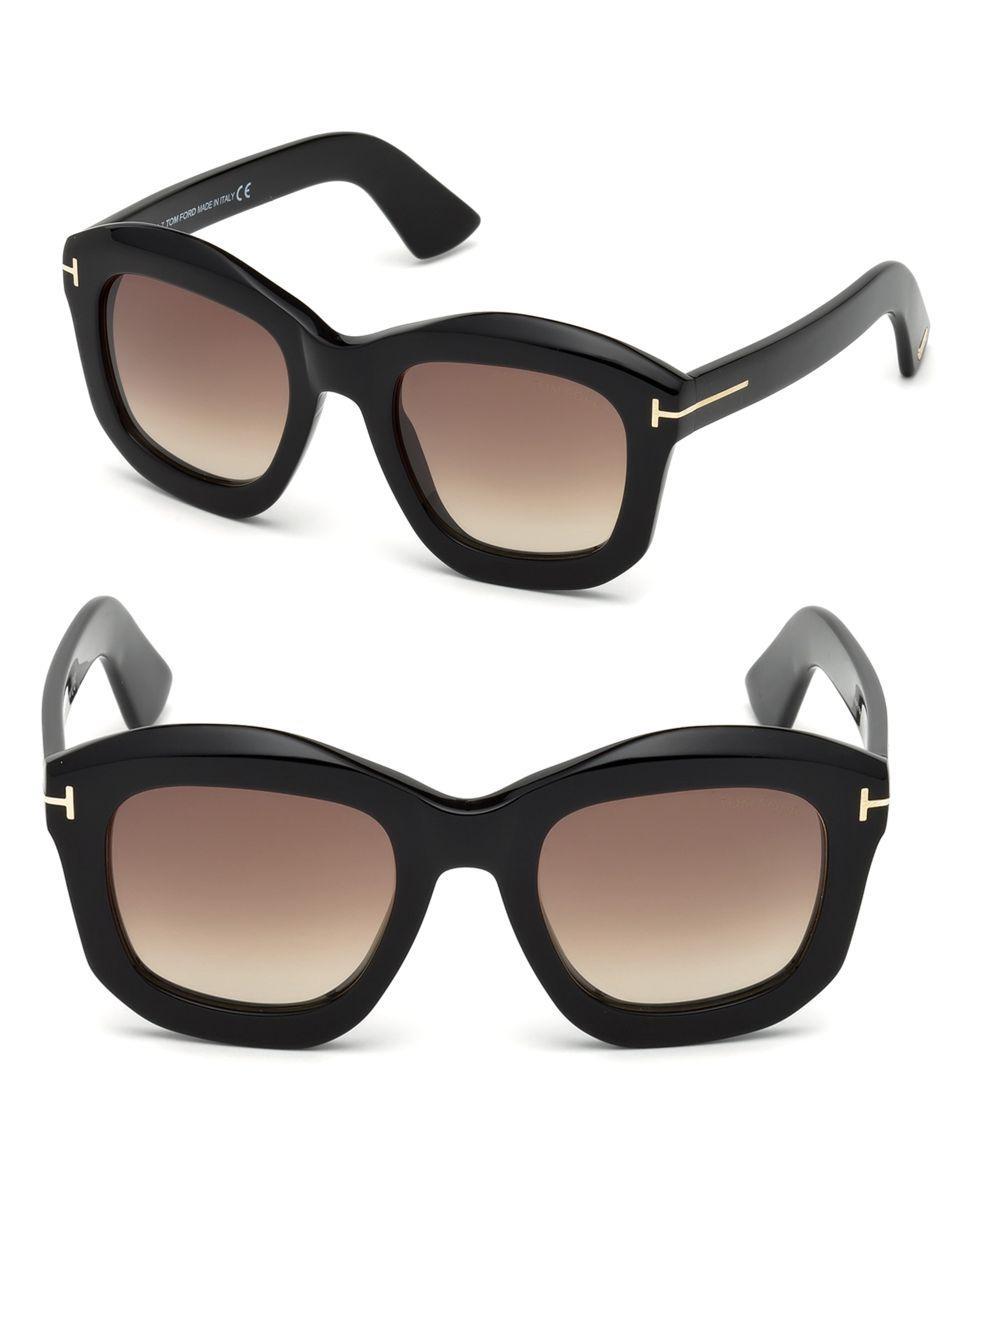 5e9d6391ffc Lyst - Tom Ford Julia Square Sunglasses in Black - Save 63%